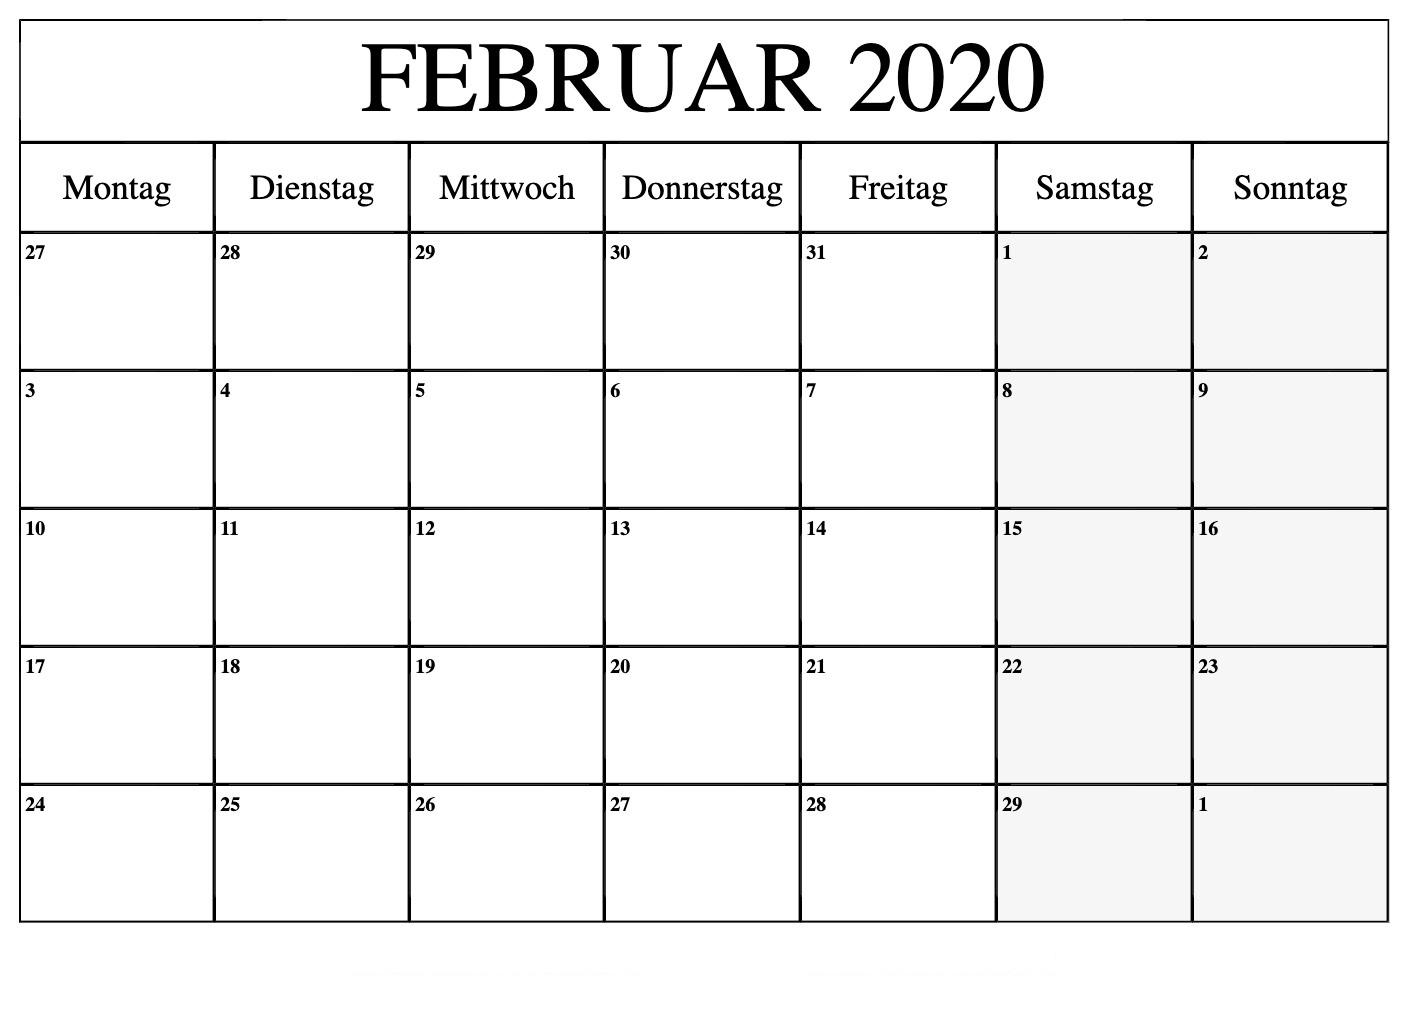 Kostenlos Druckbare Februar 2020 Kalender Vorlage